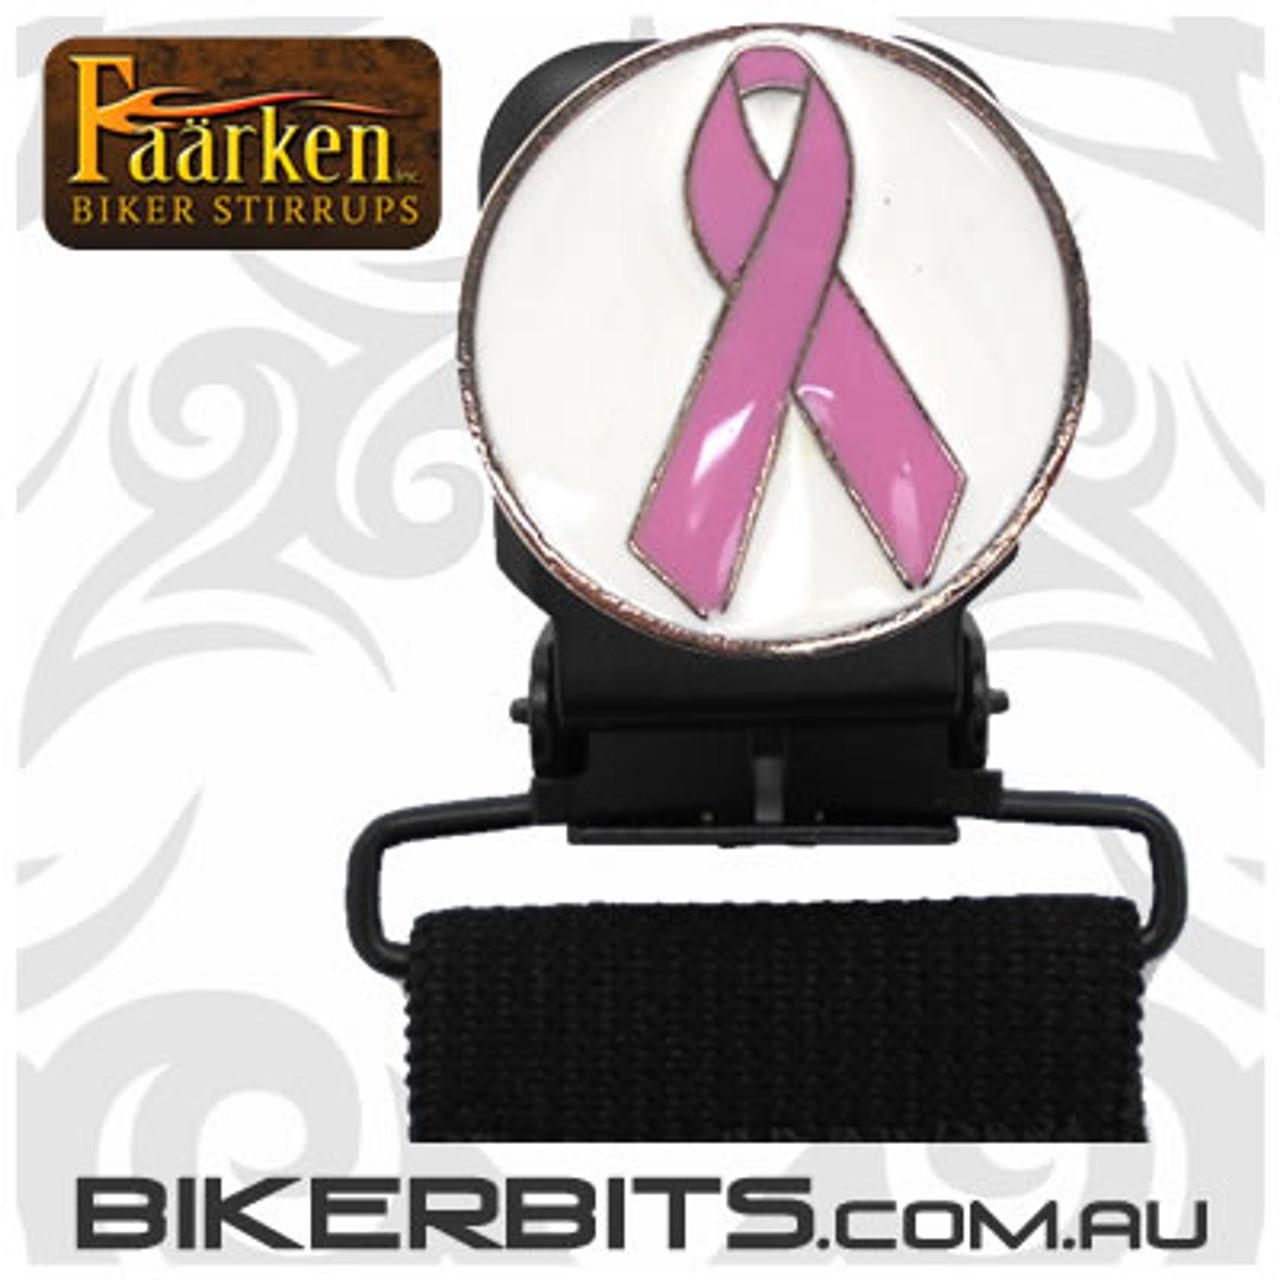 Faarken Biker Stirrups - Awareness